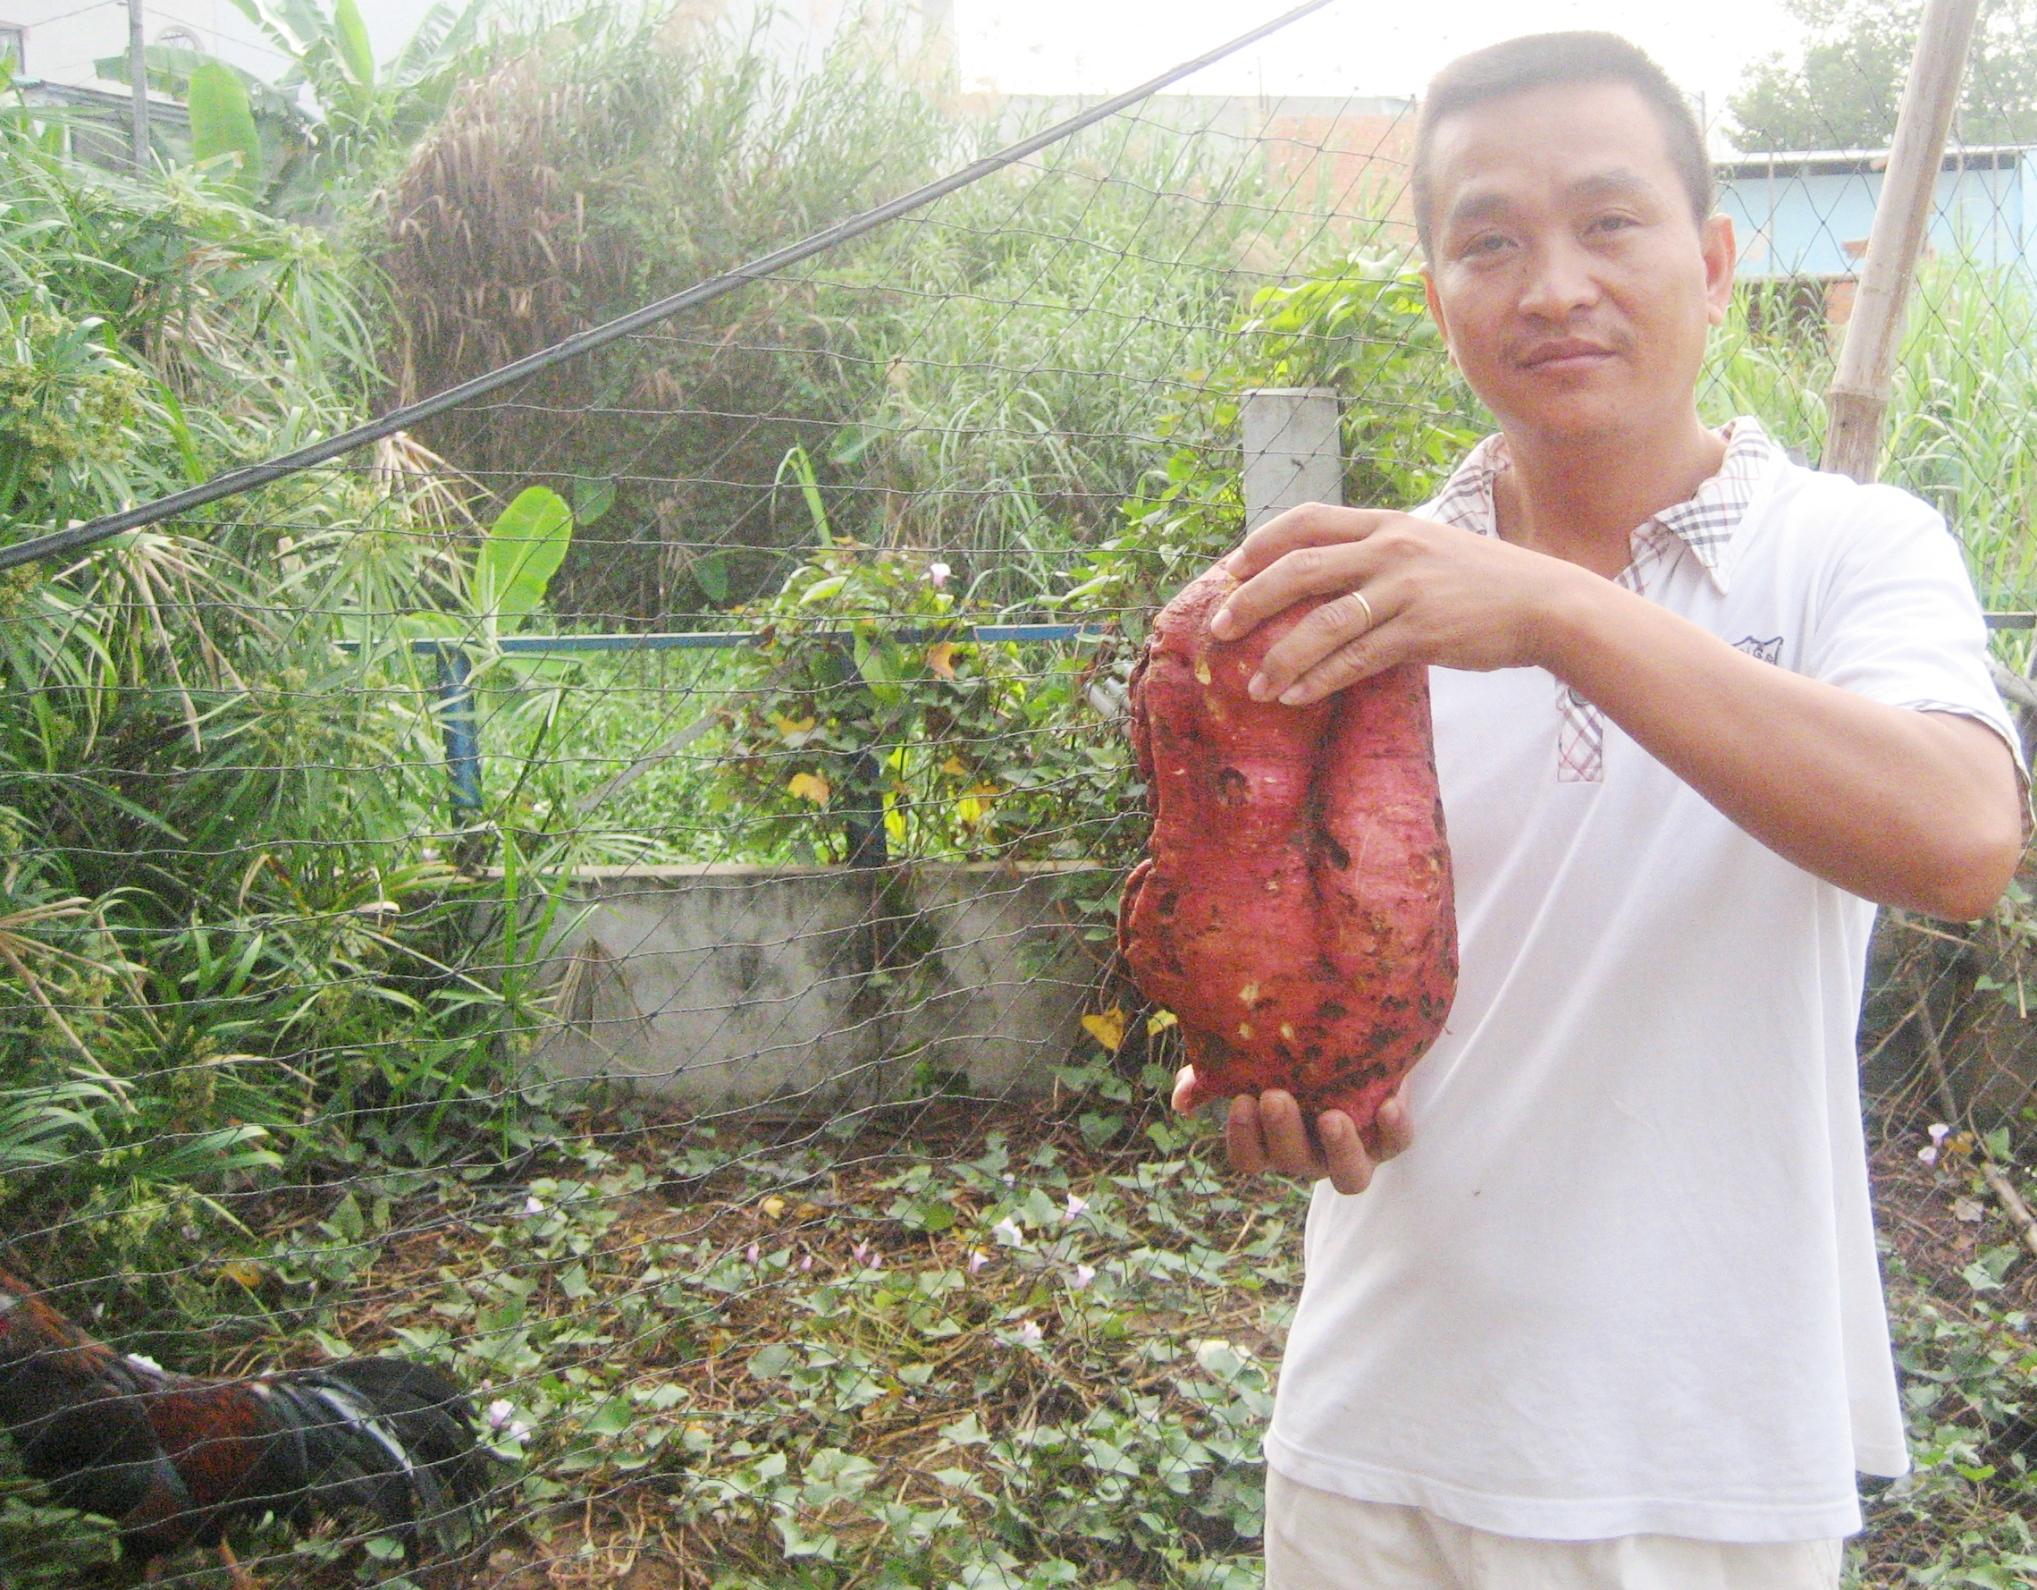 Anh Trần Công Tuấn bên củ khoai lang đào được, nặng hơn 4,3 kg